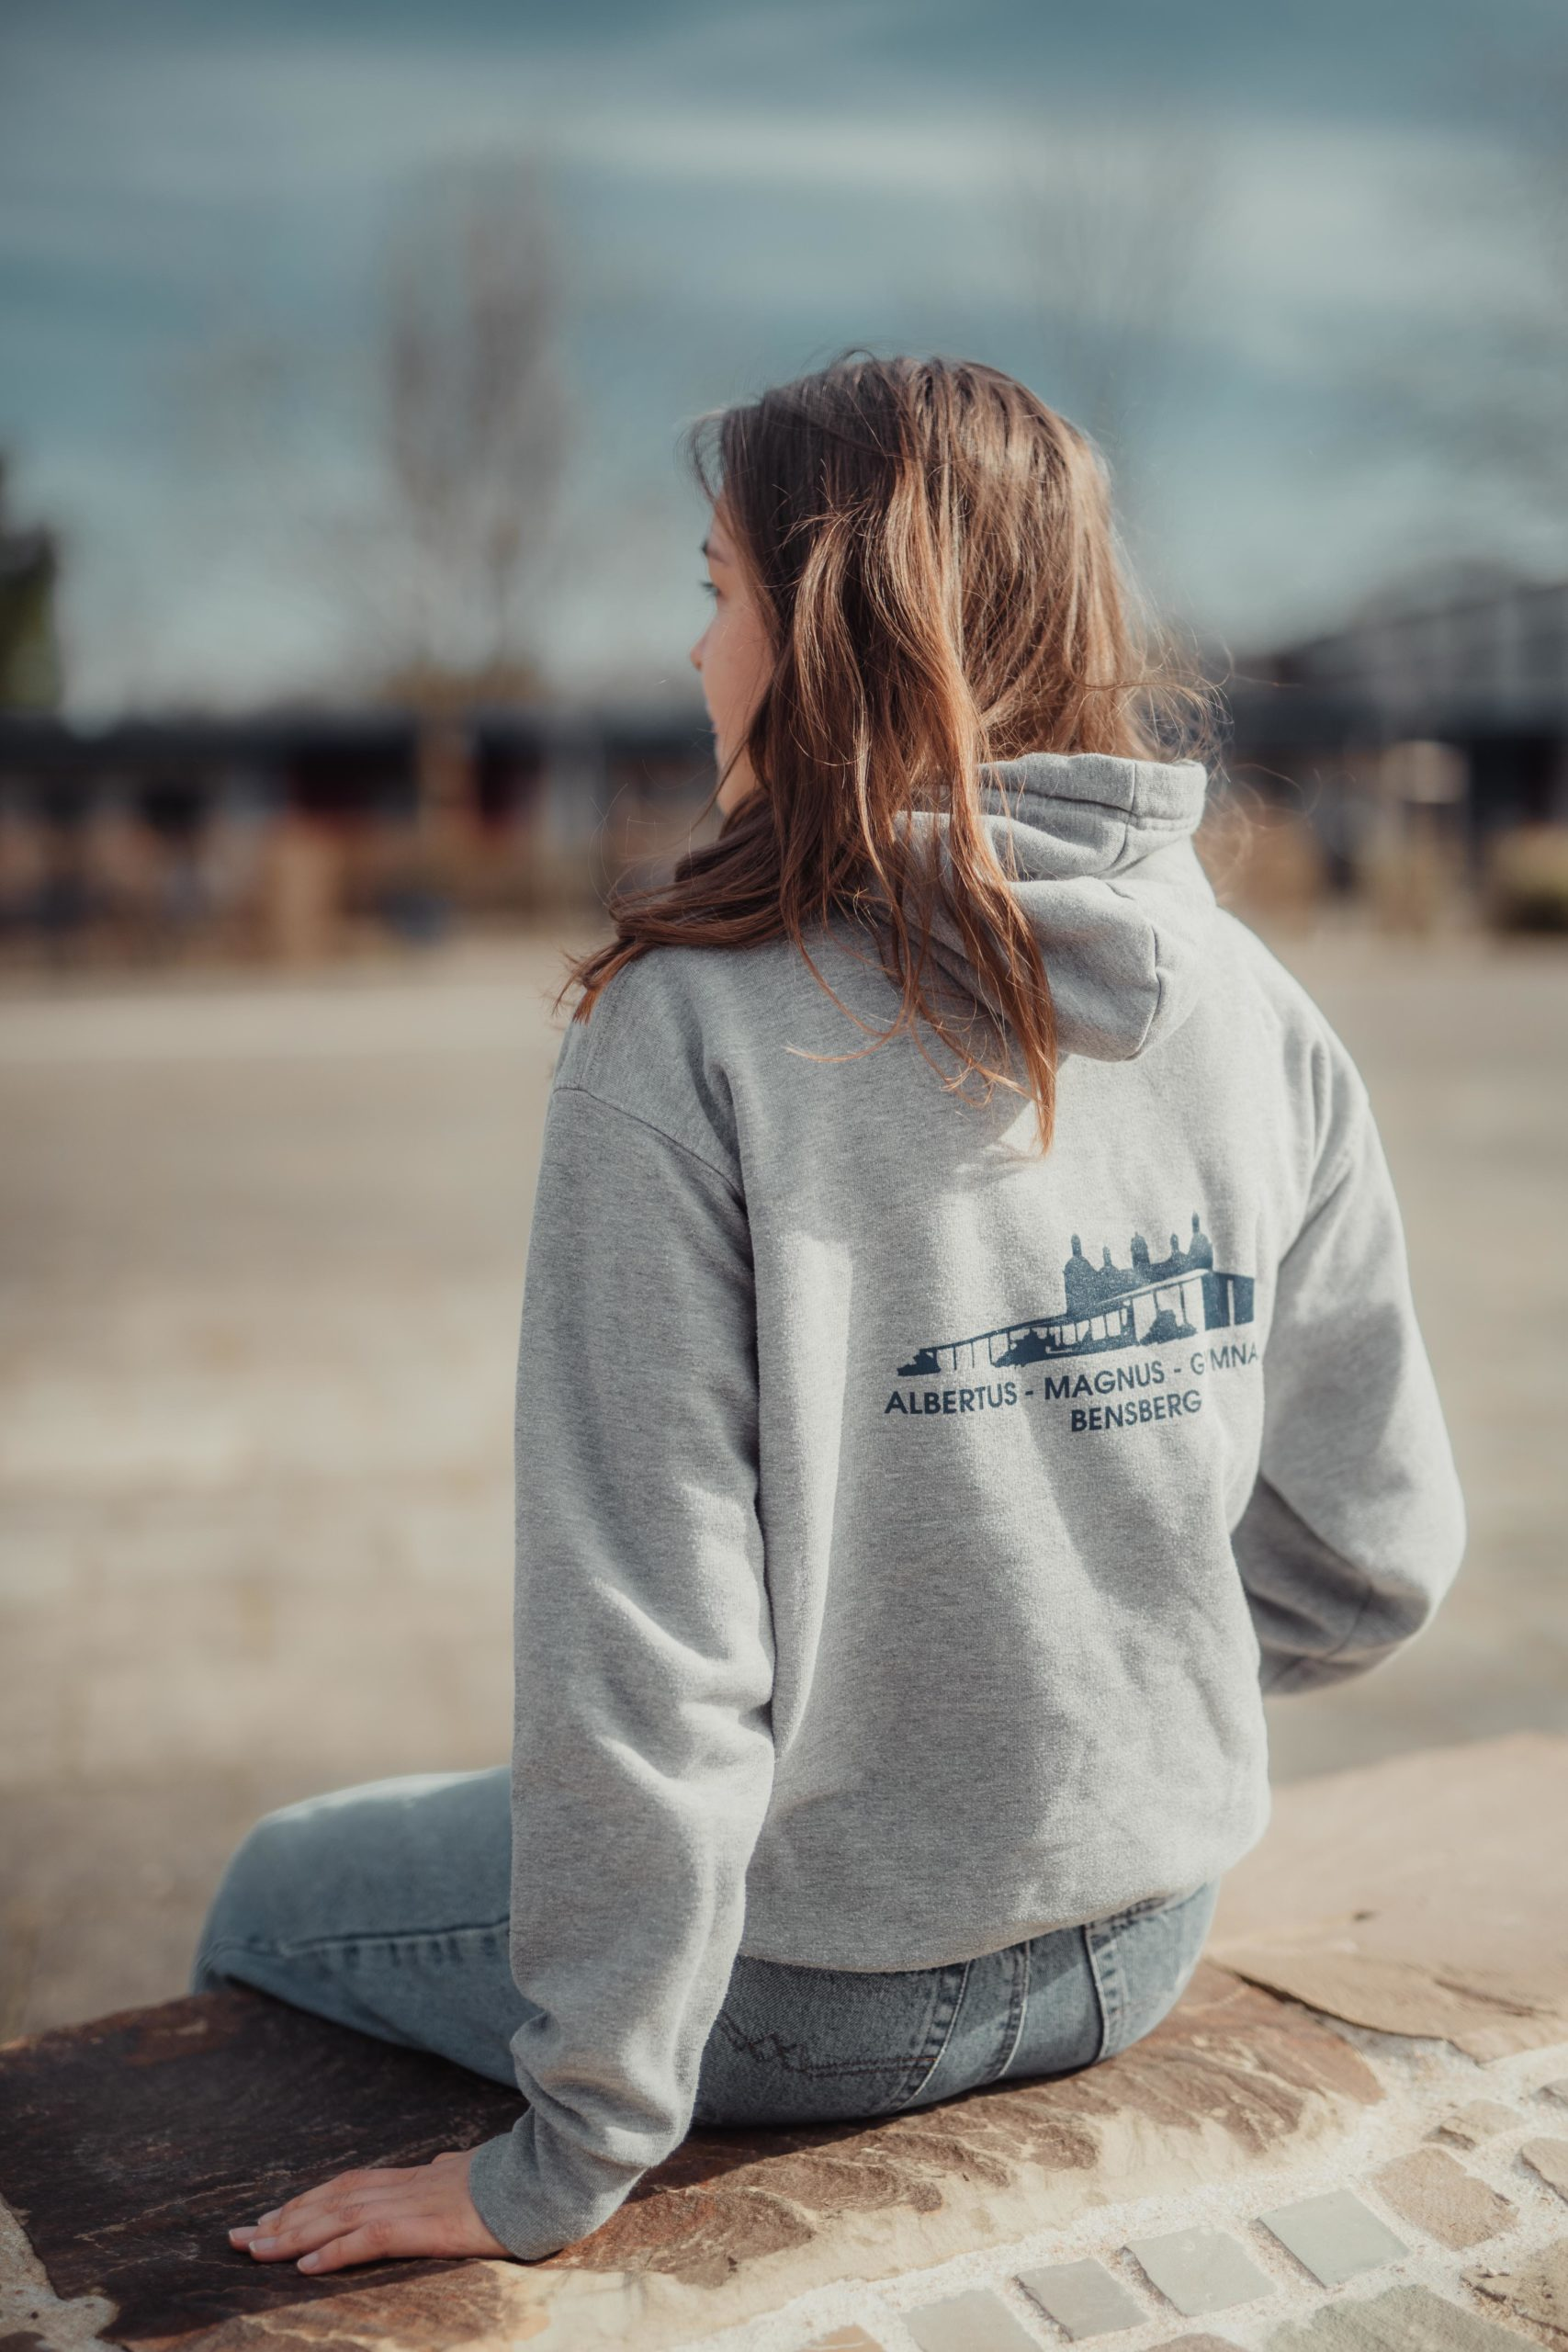 Schulkleidung_2021 (2 von 16)